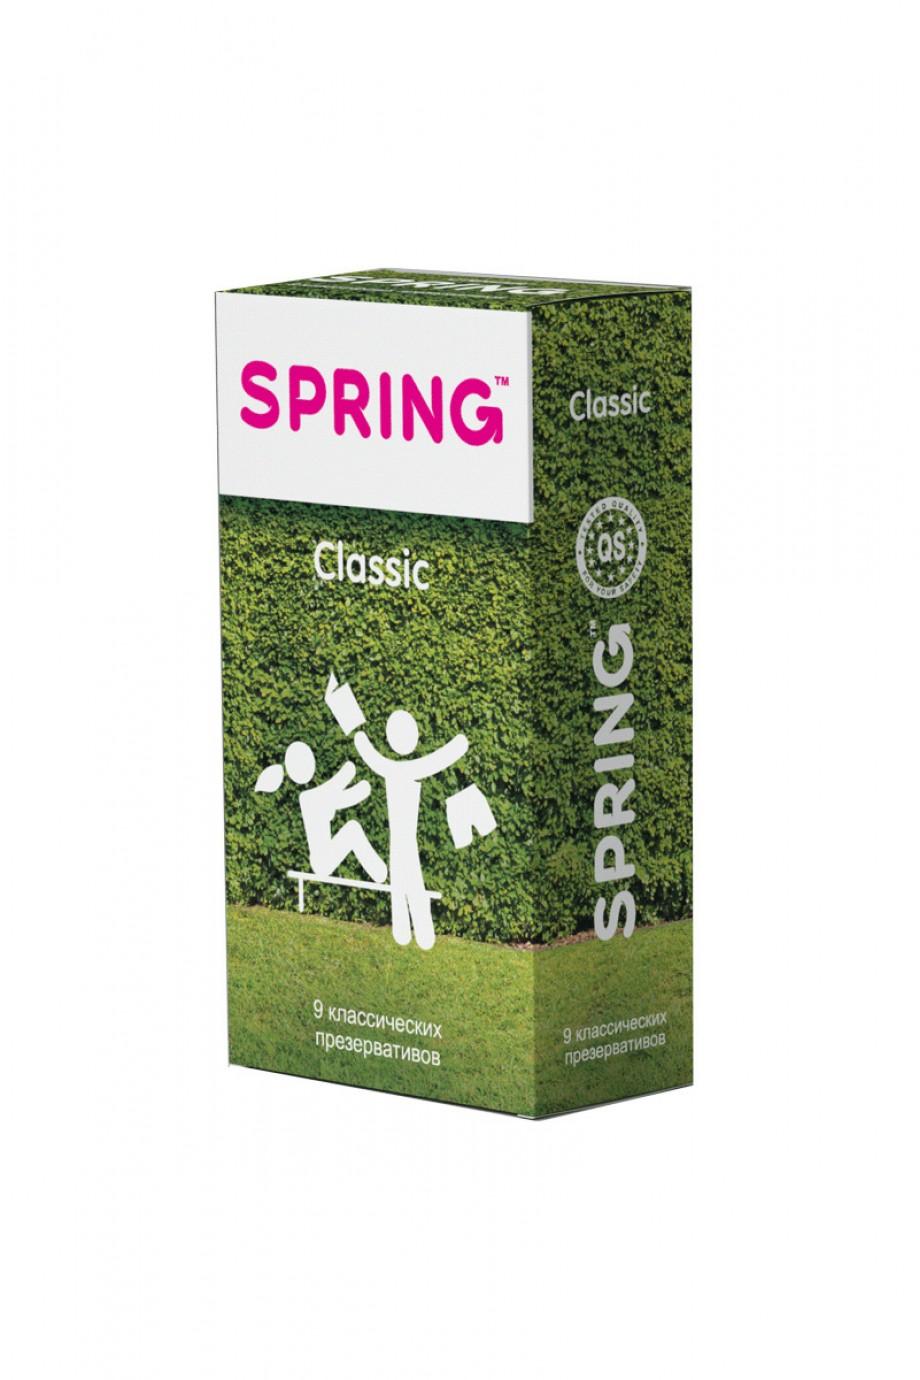 Презервативы Spring Classic, классические, 9 шт